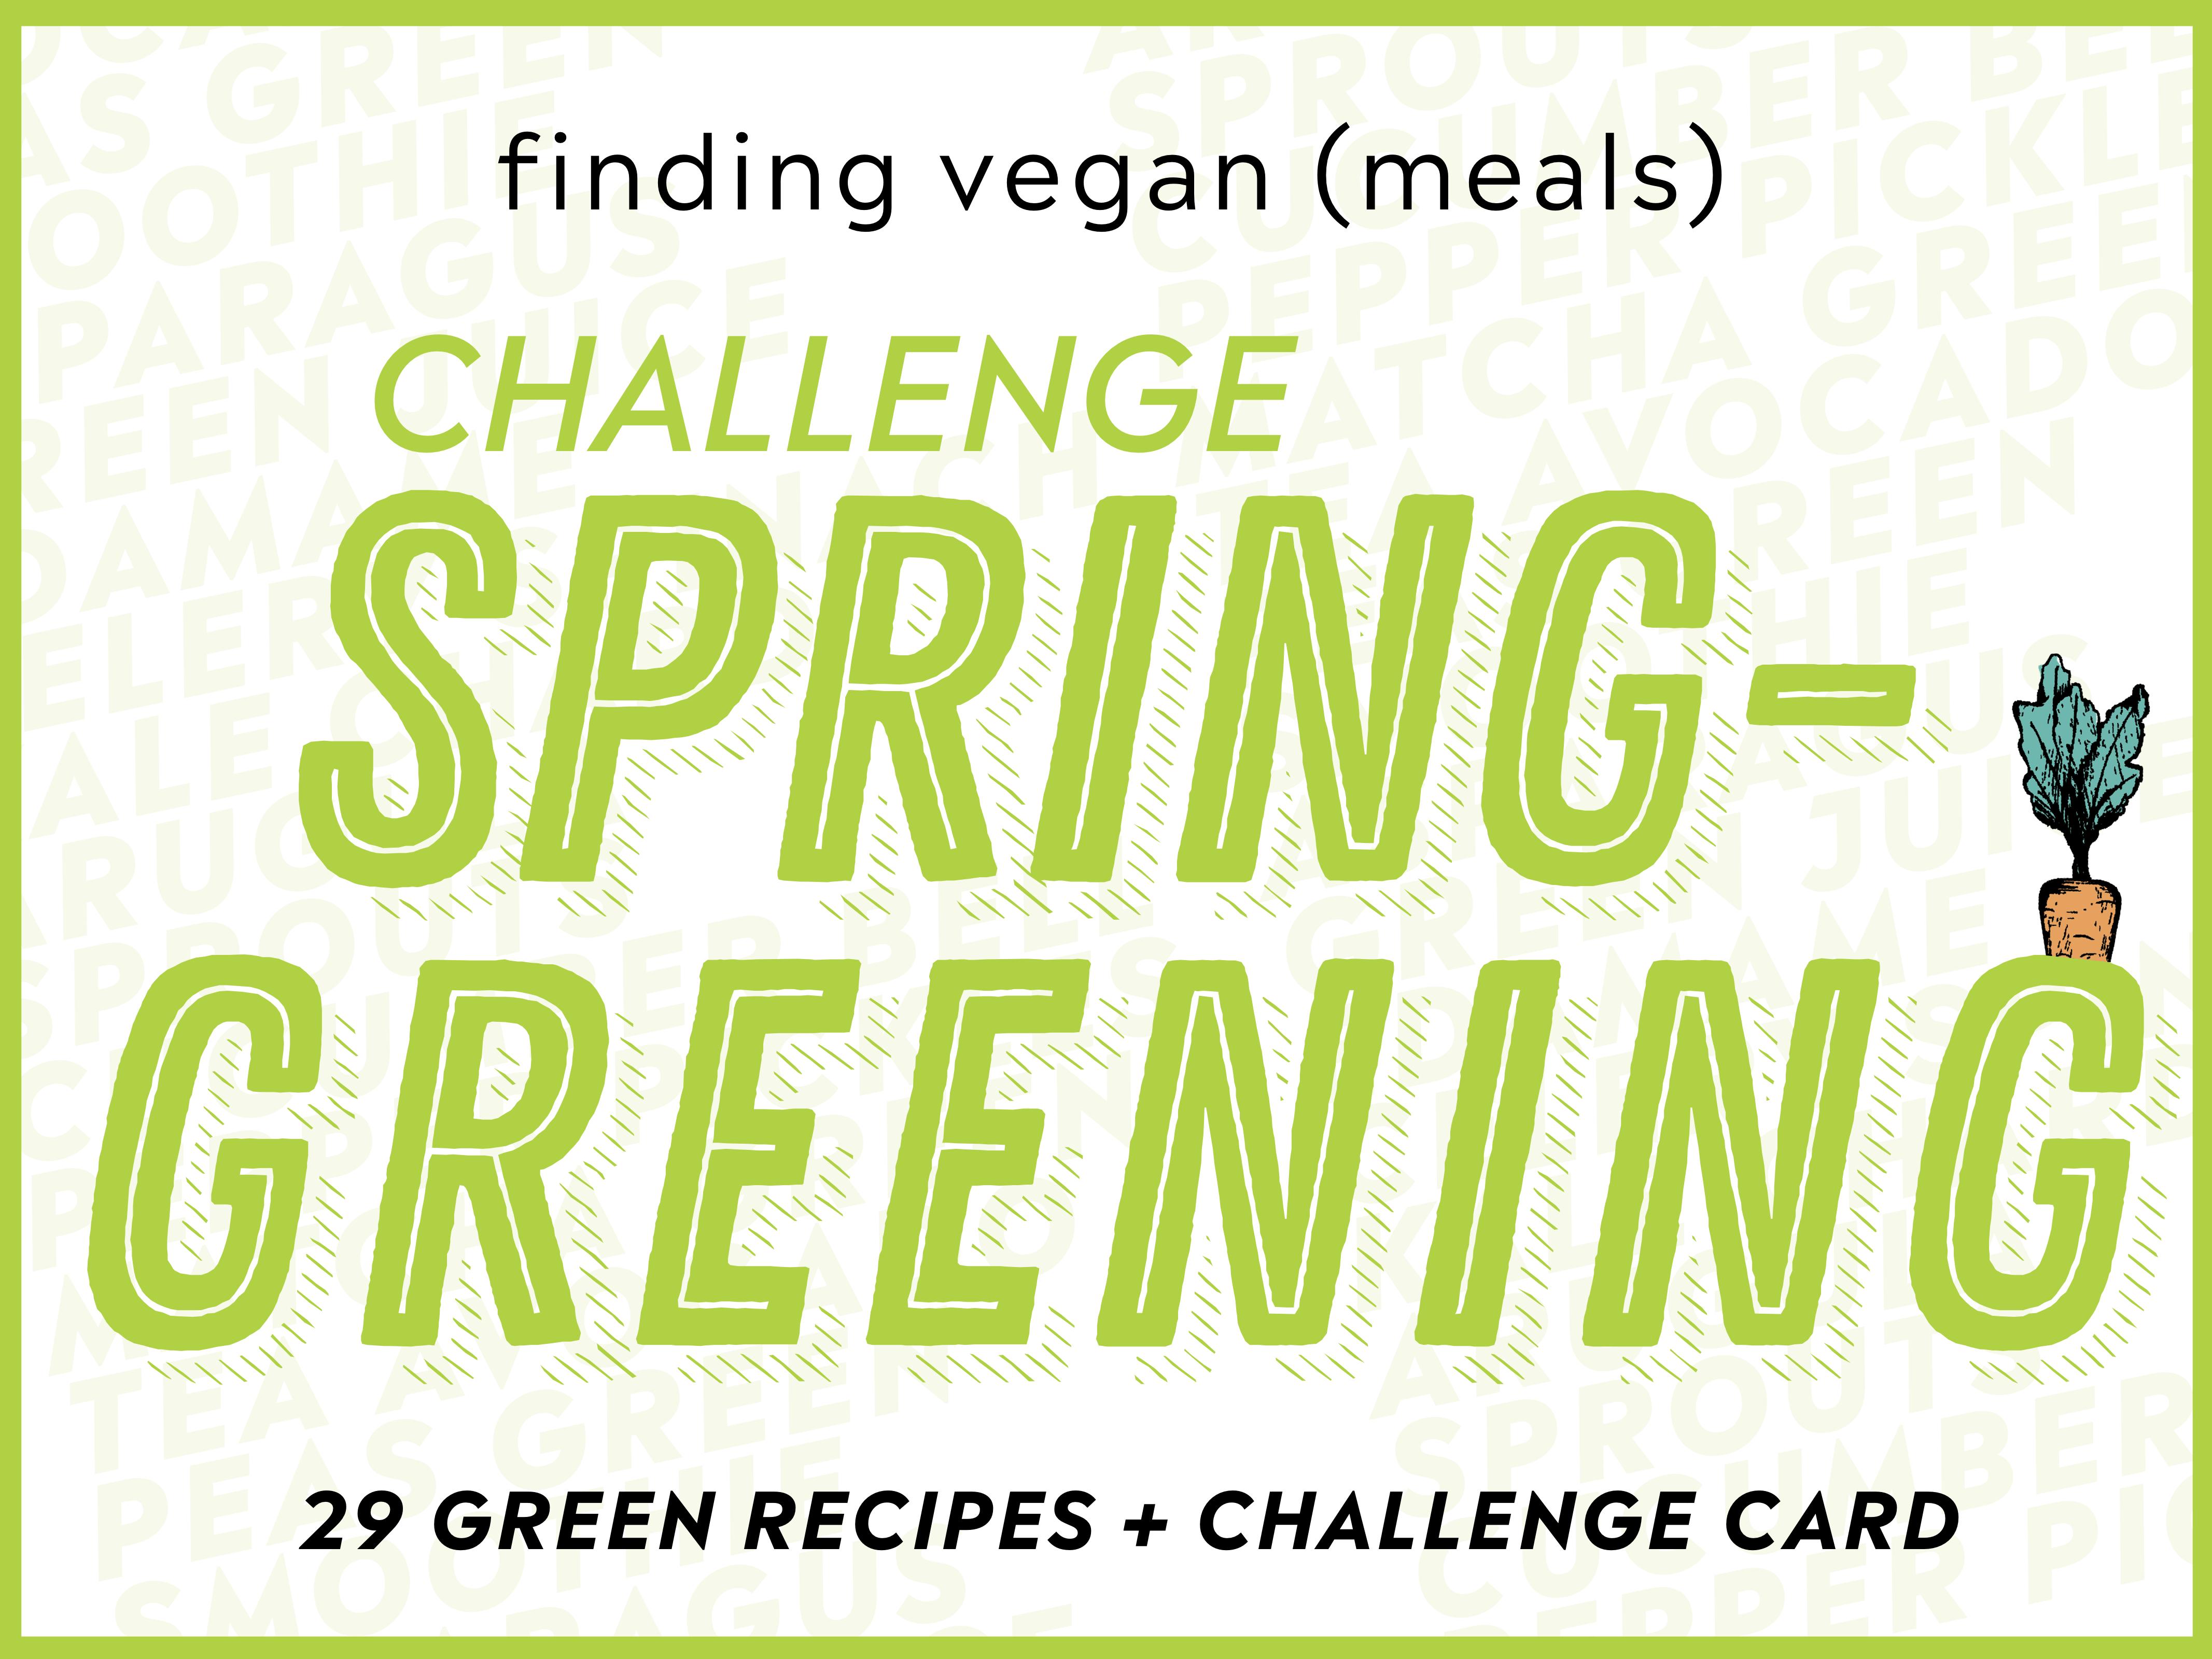 SPRING-GREEN-ING-CHALLENGE-FV-MEALS